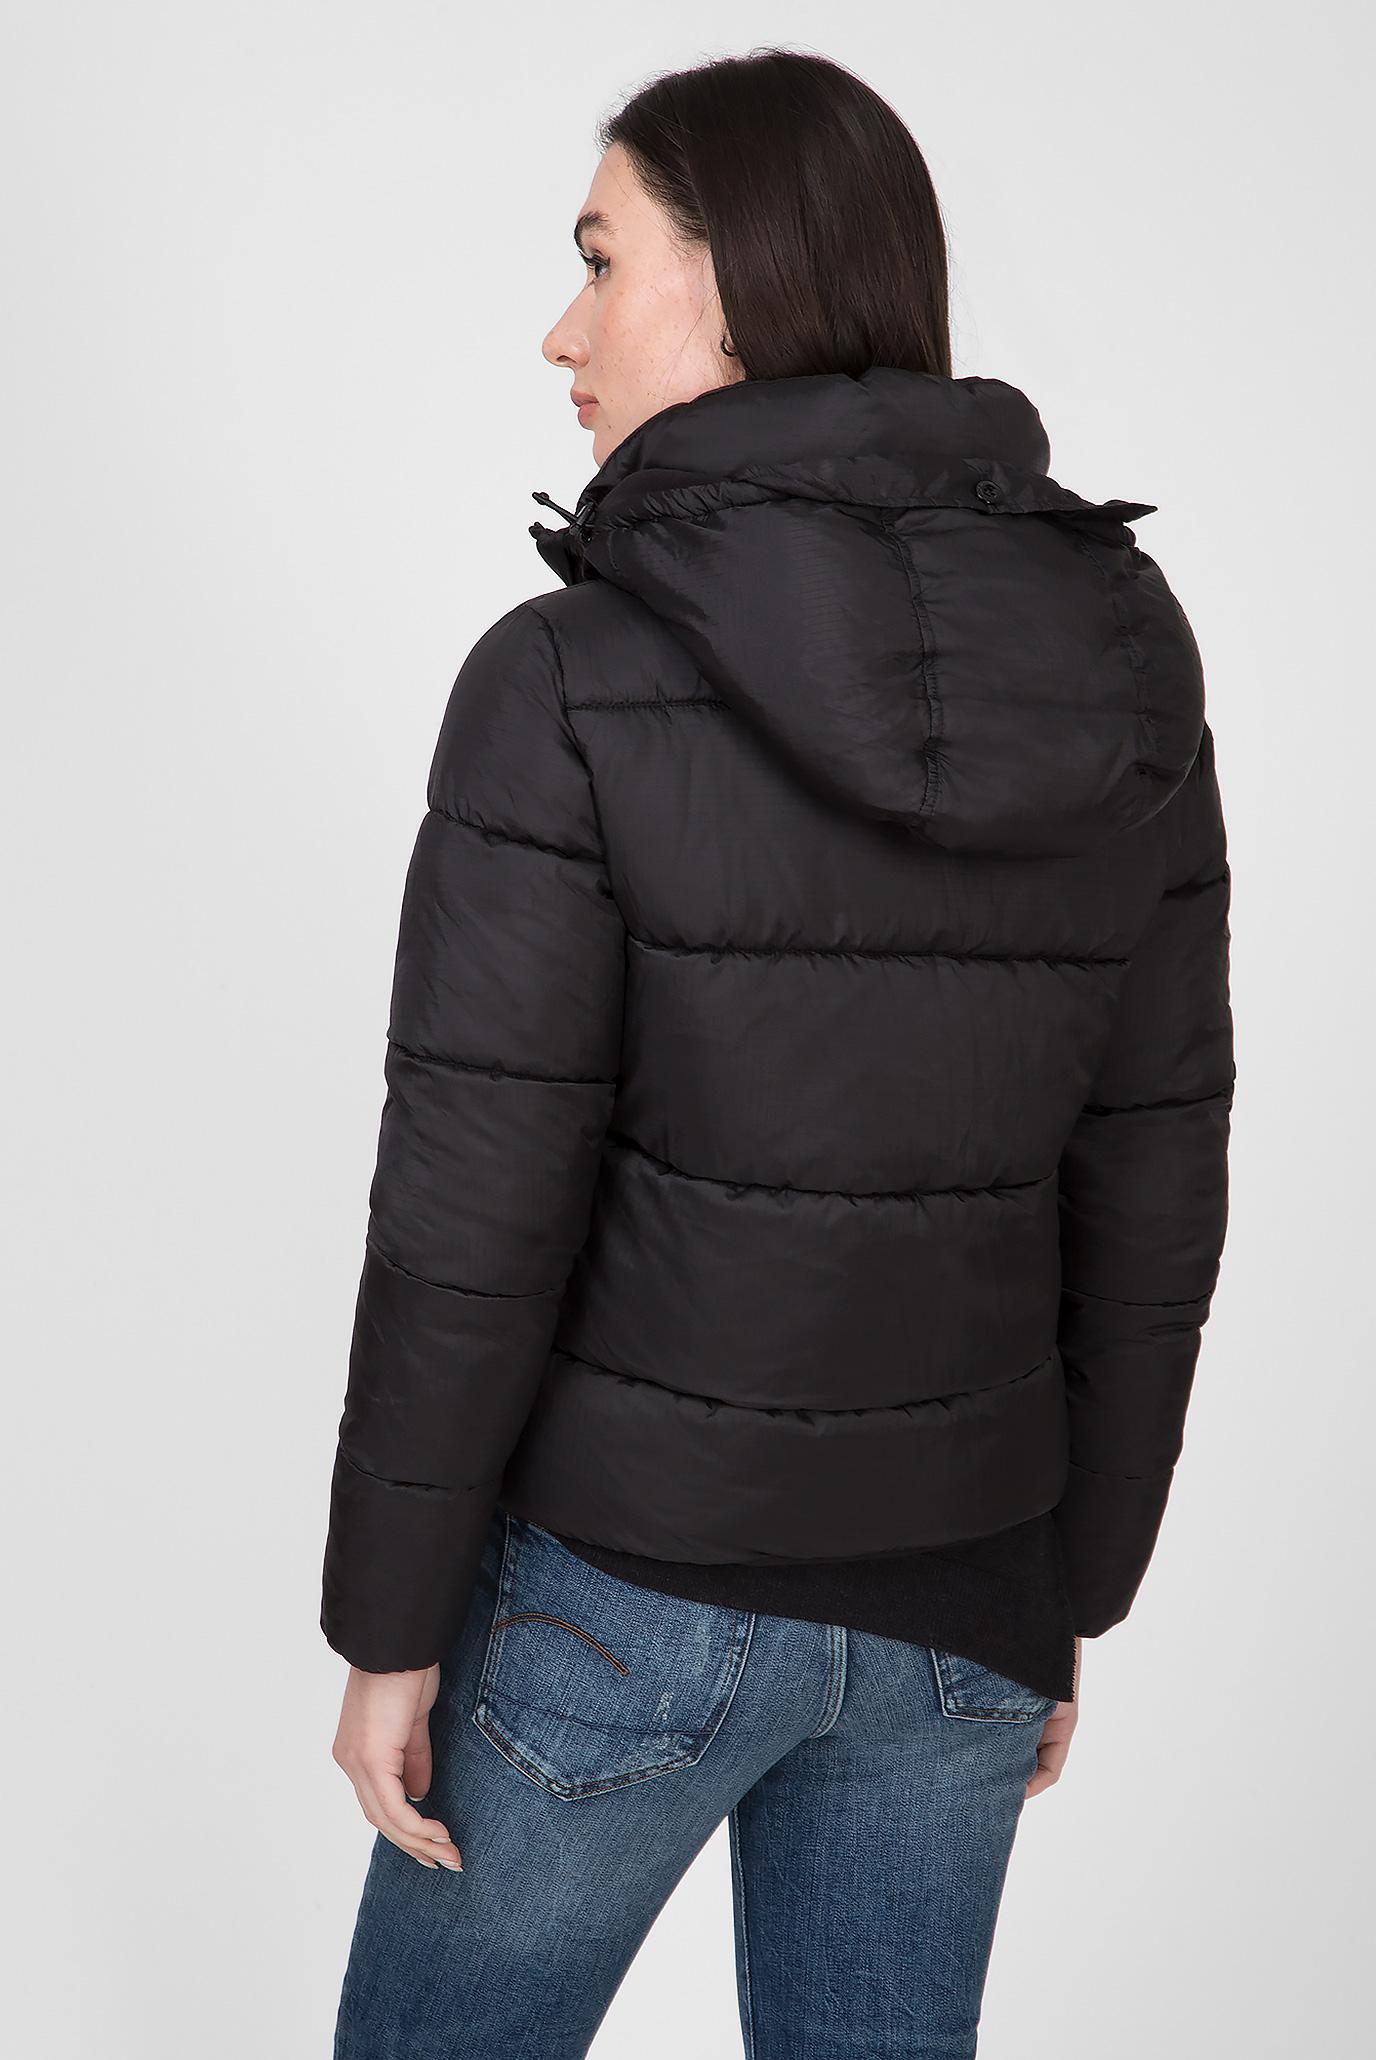 Женская черная куртка Meefic sundu G-Star RAW